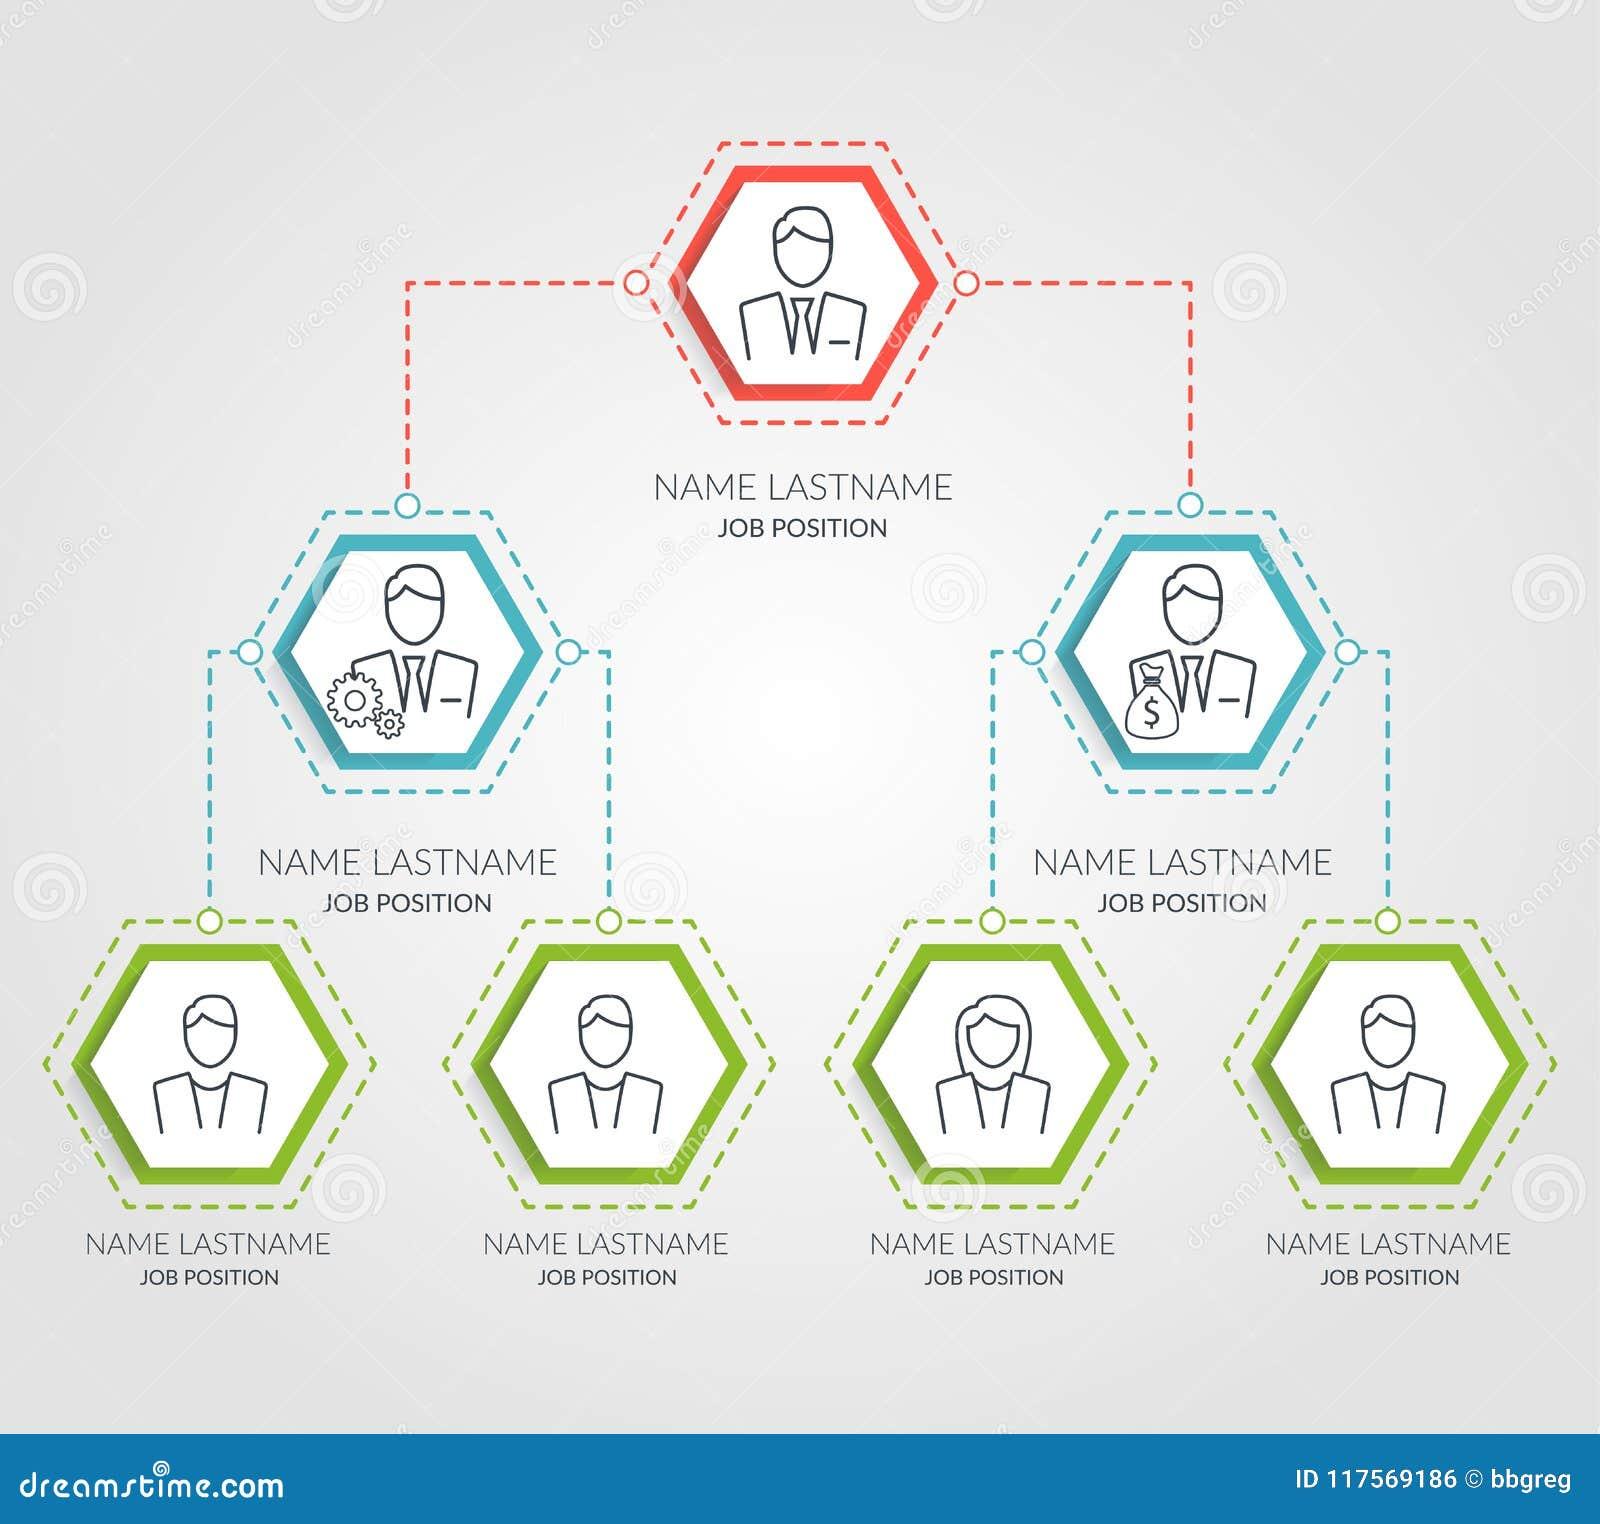 企业阶层六角形图infographics 公司组织结构图表元素 公司组织